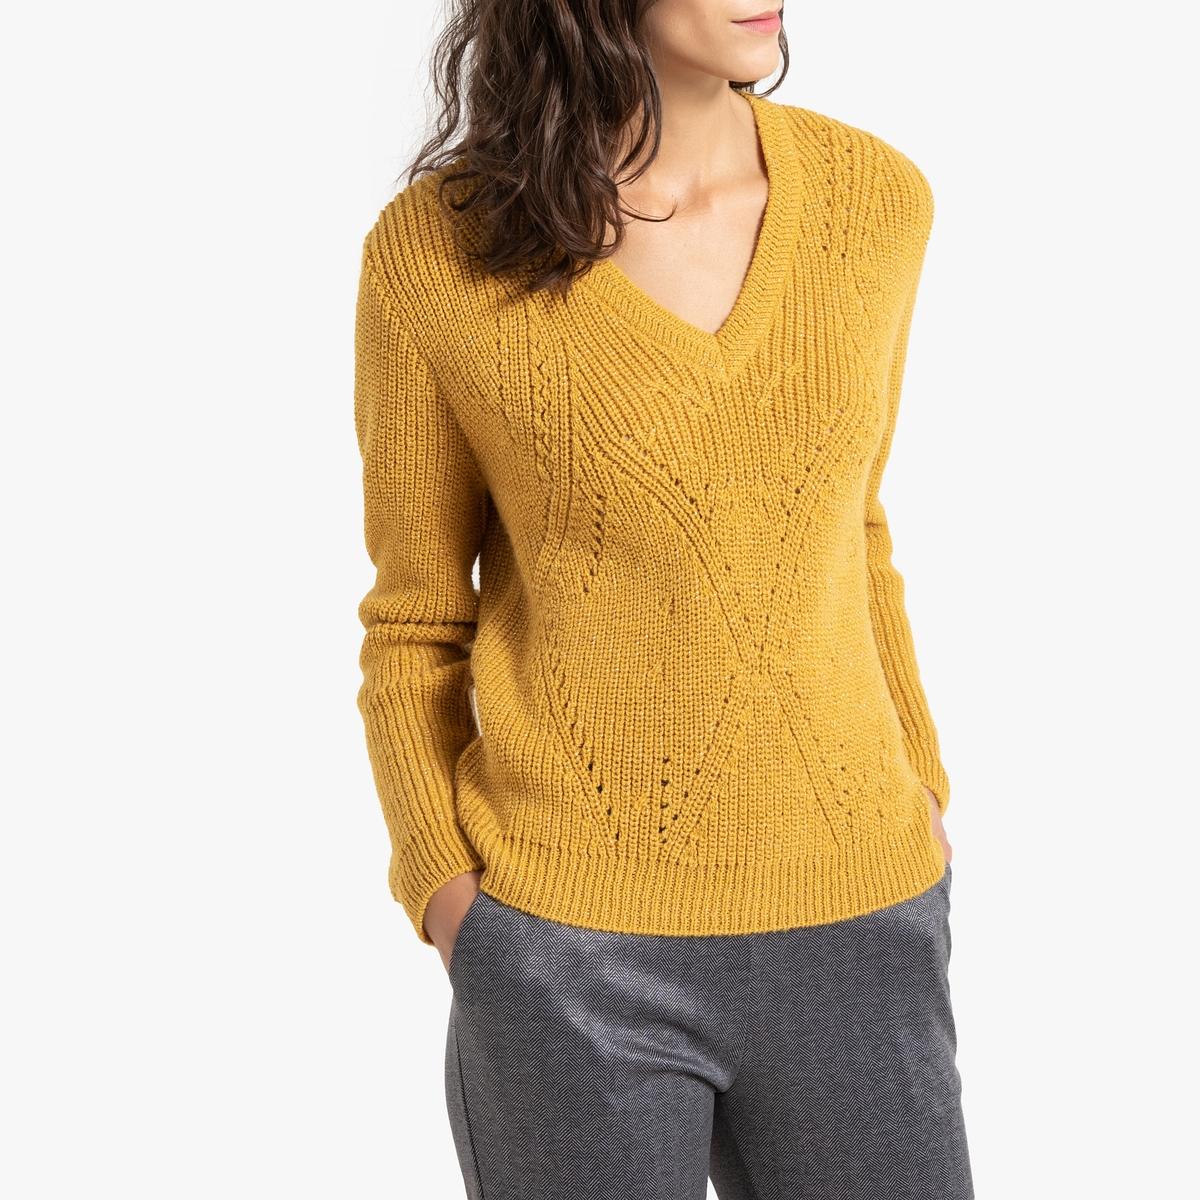 Пуловер La Redoute С V-образный вырезом из блестящего трикотажа 34/36 (FR) - 40/42 (RUS) желтый пуловер из блестящего трикотажа 3 12 лет